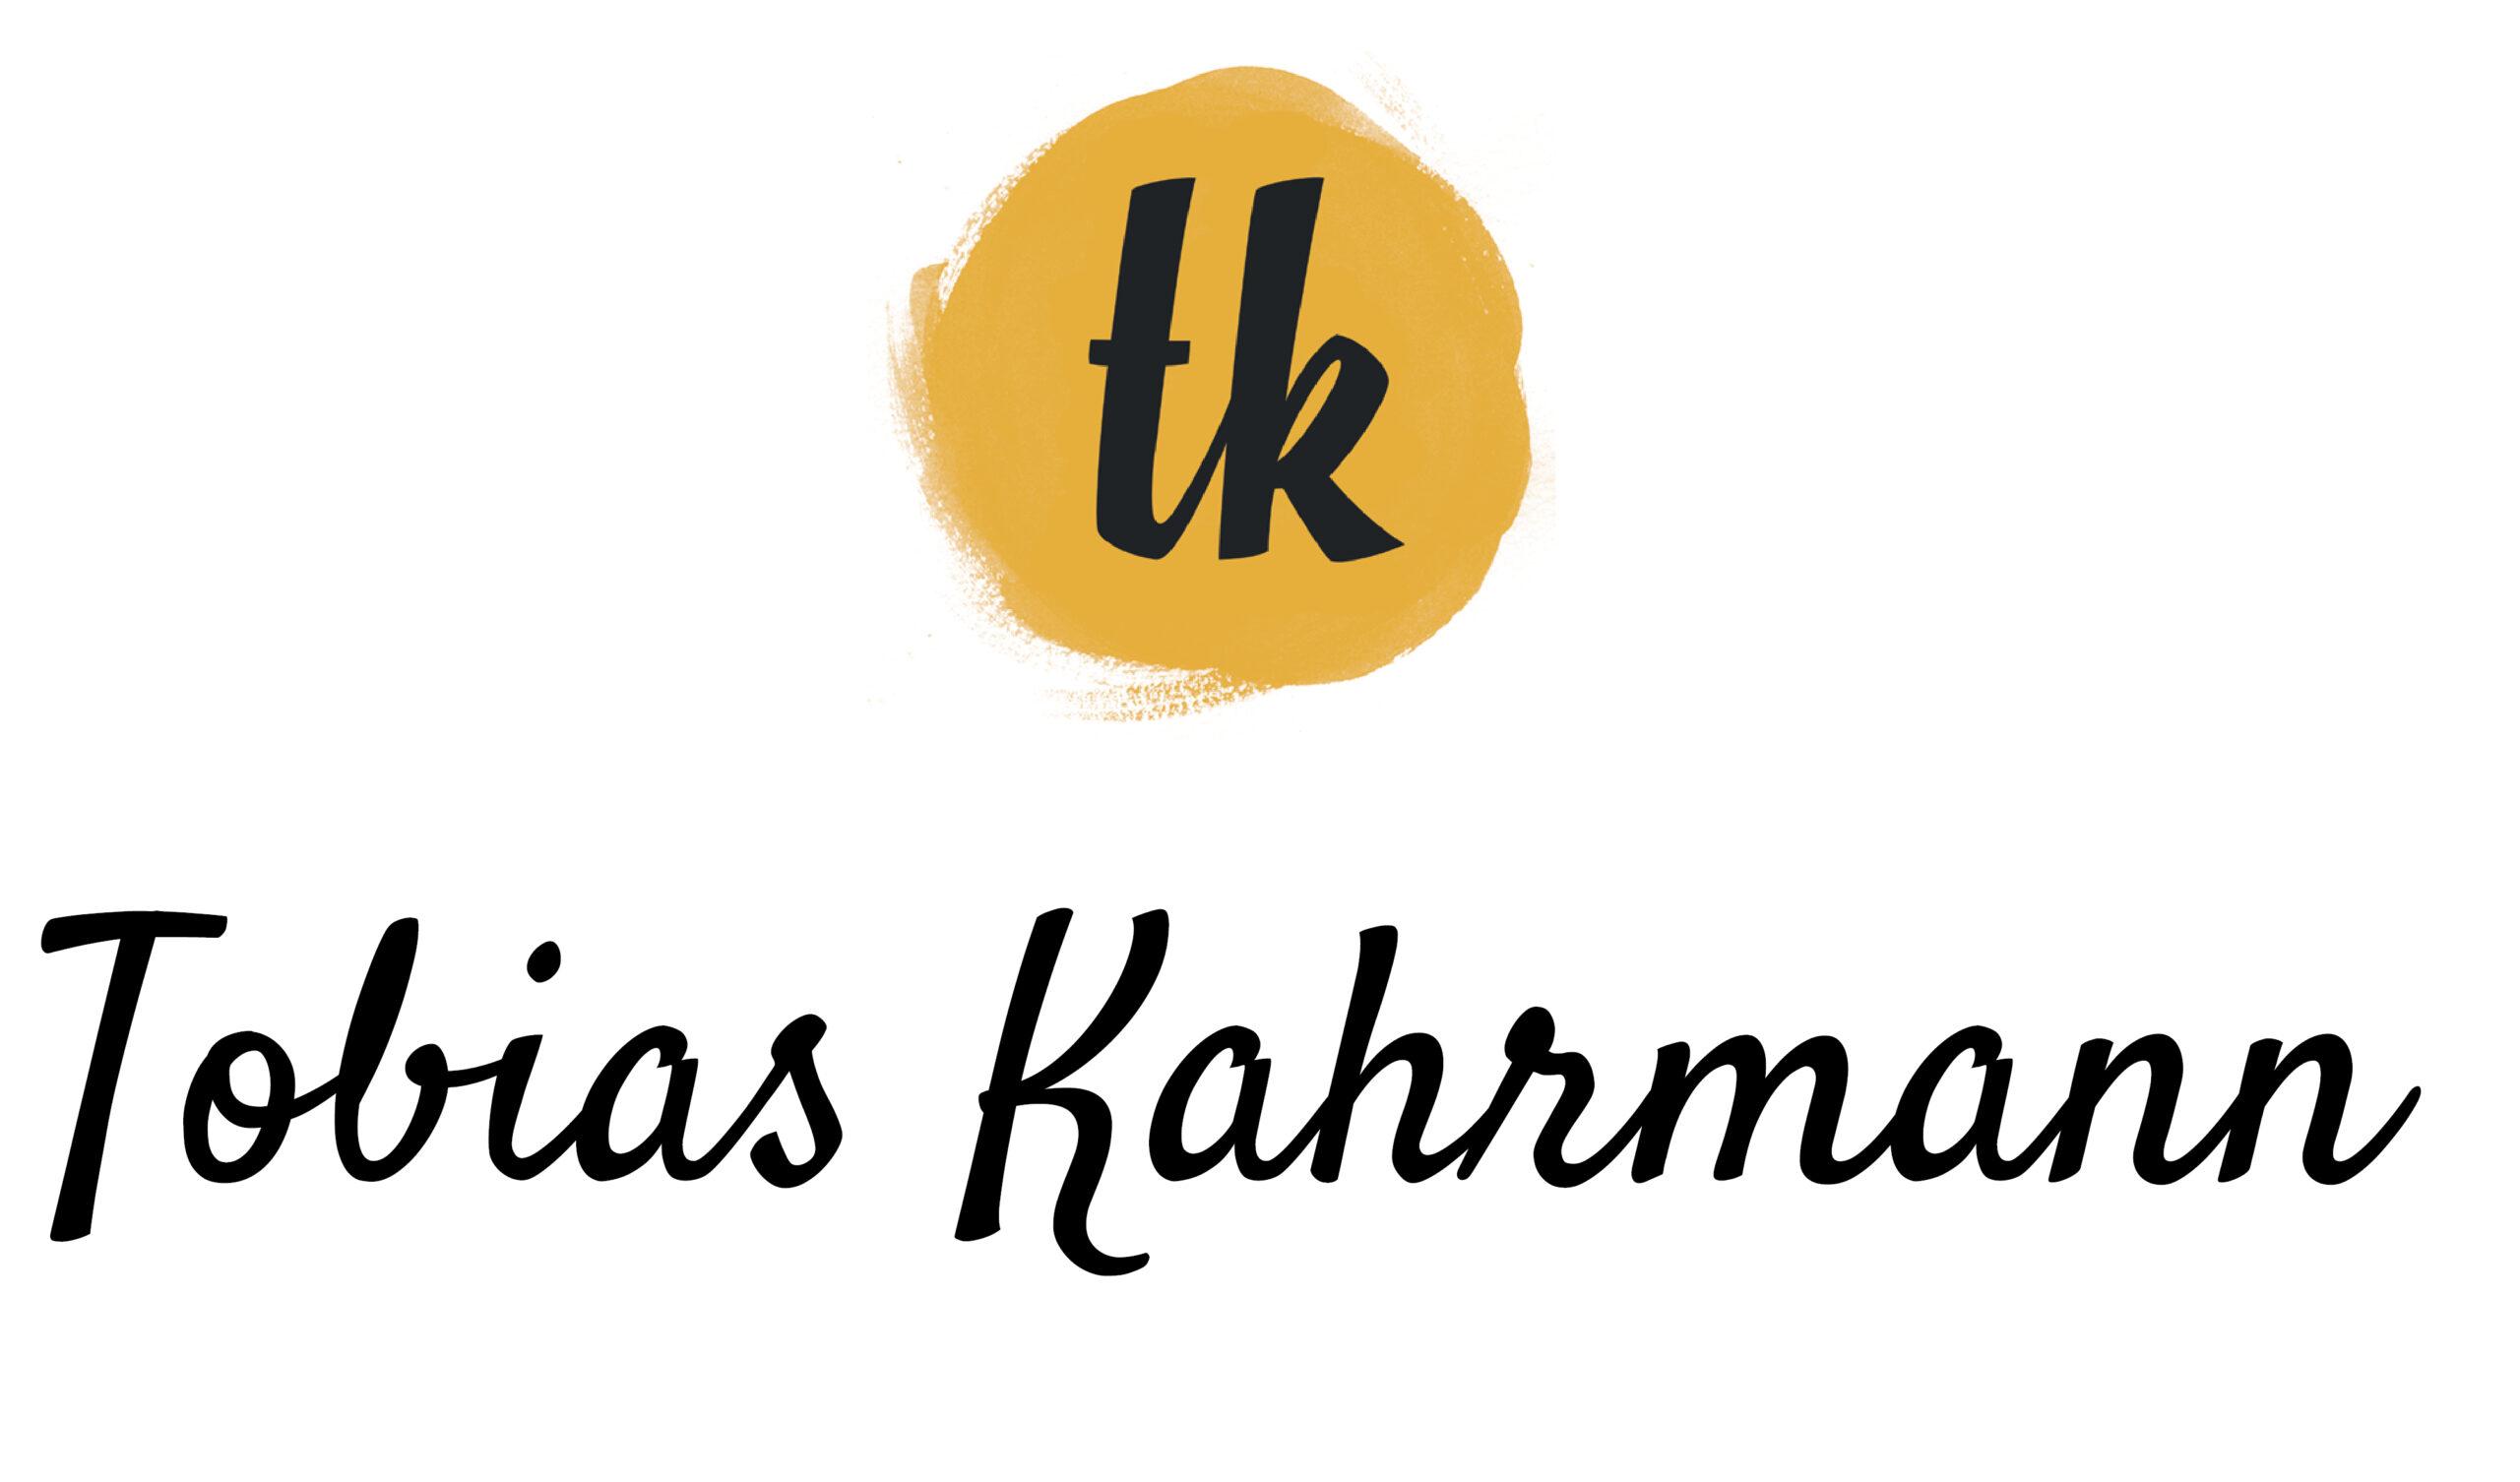 Tobias Kahrmann